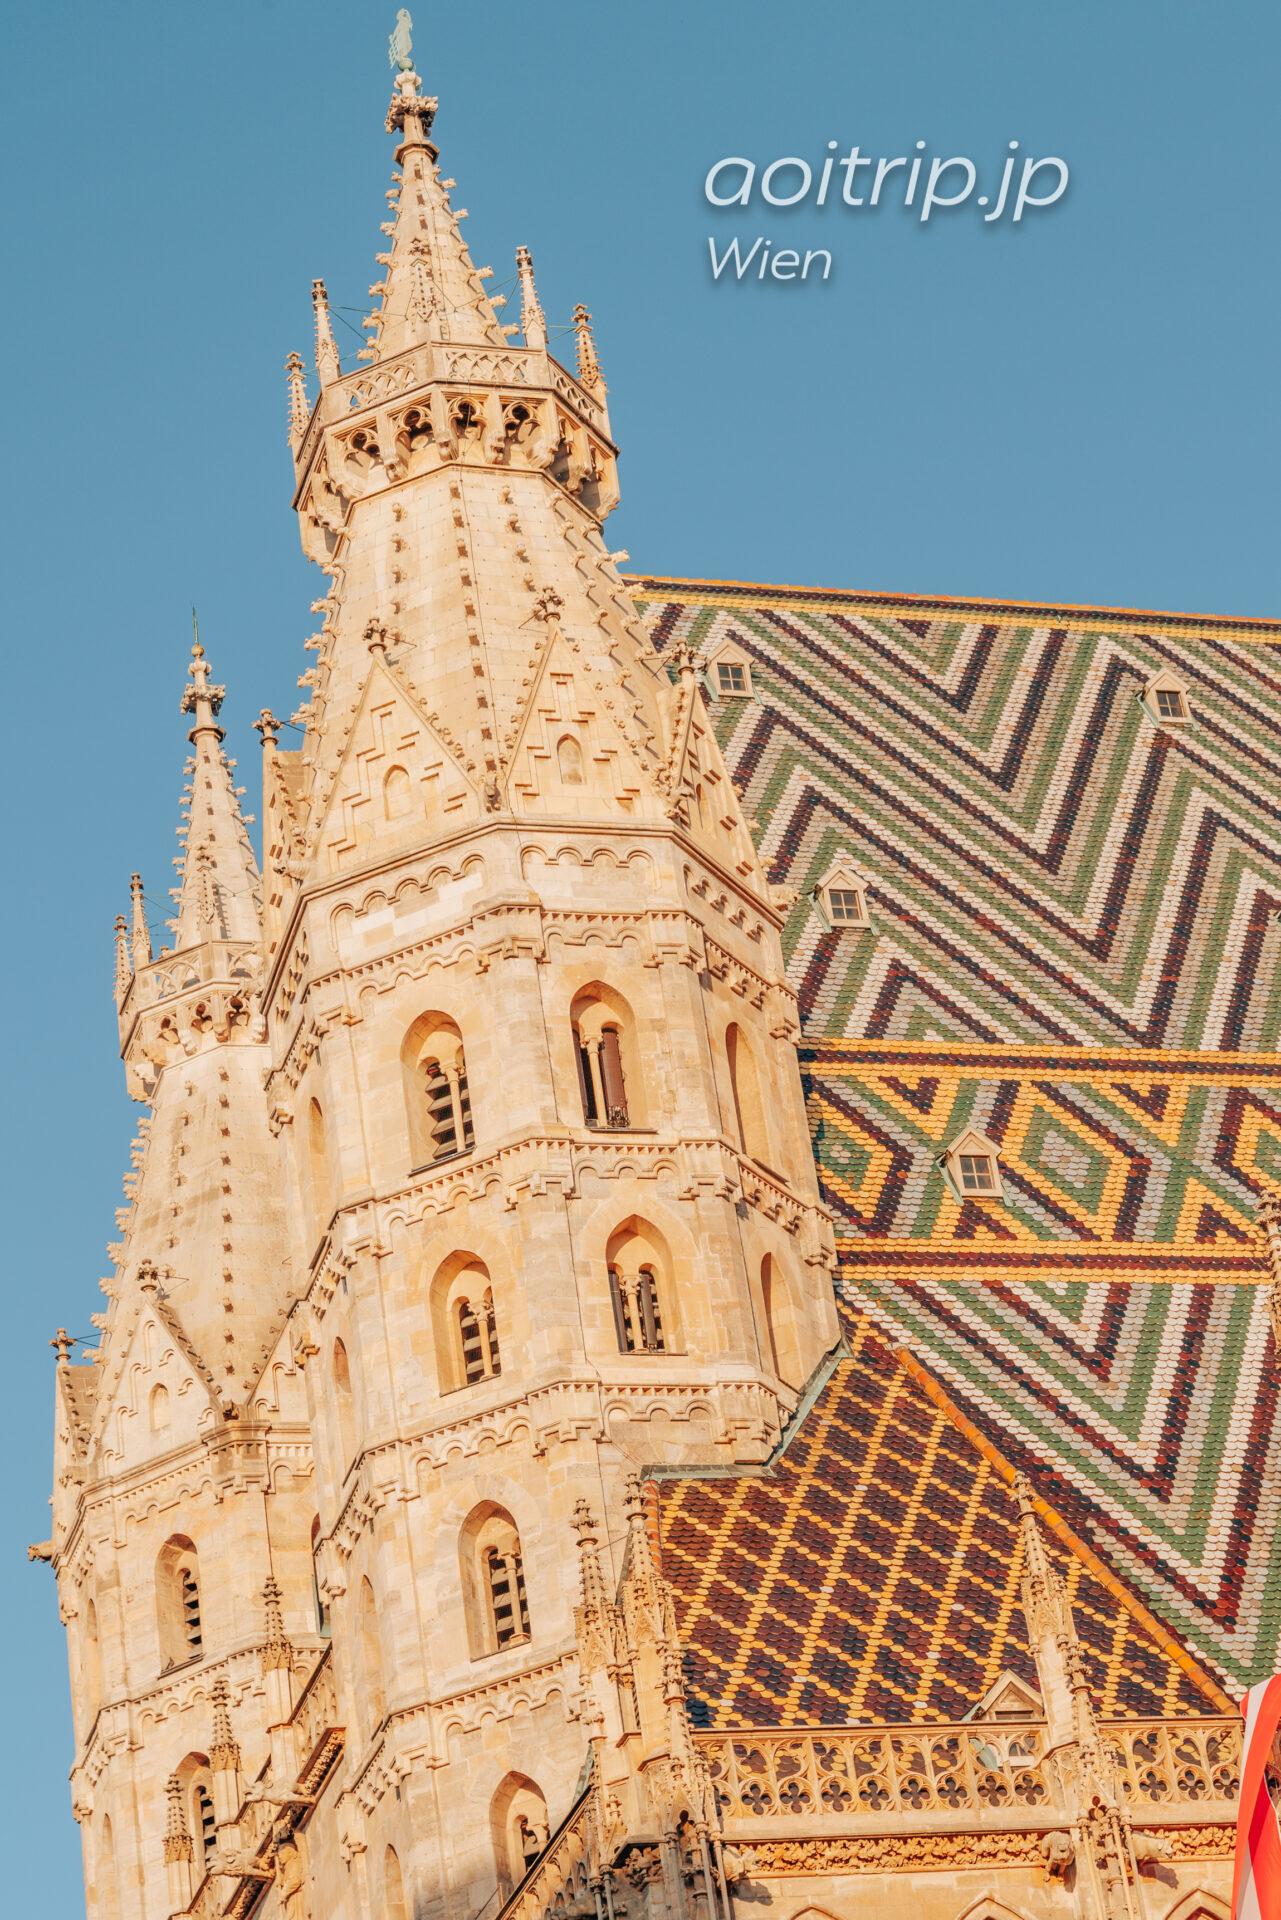 ウィーン シュテファン大聖堂